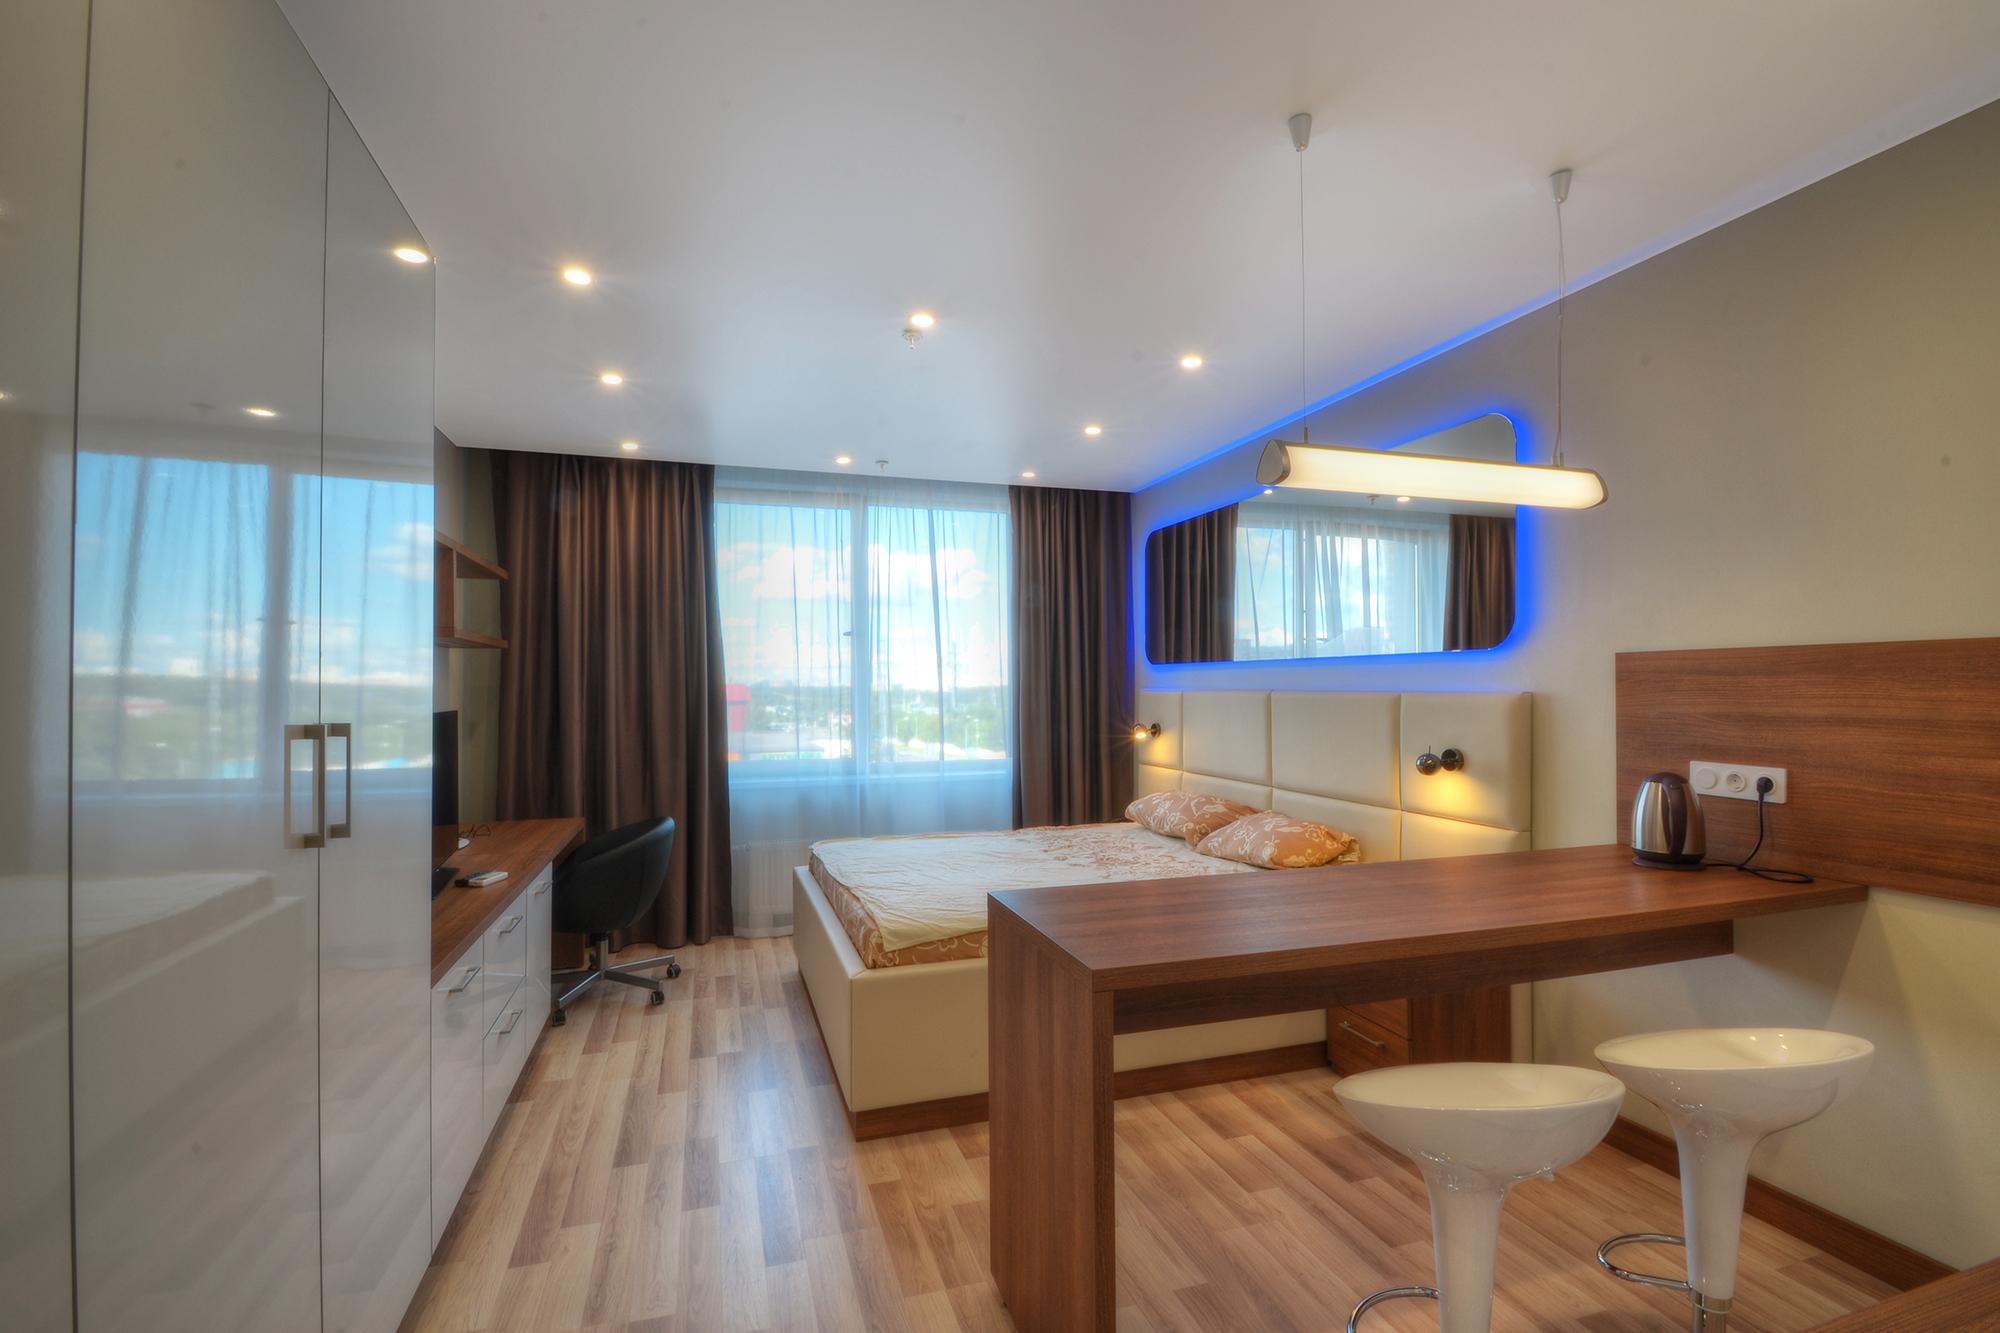 dizajnerskie-apartamenty-yes-mitino-09